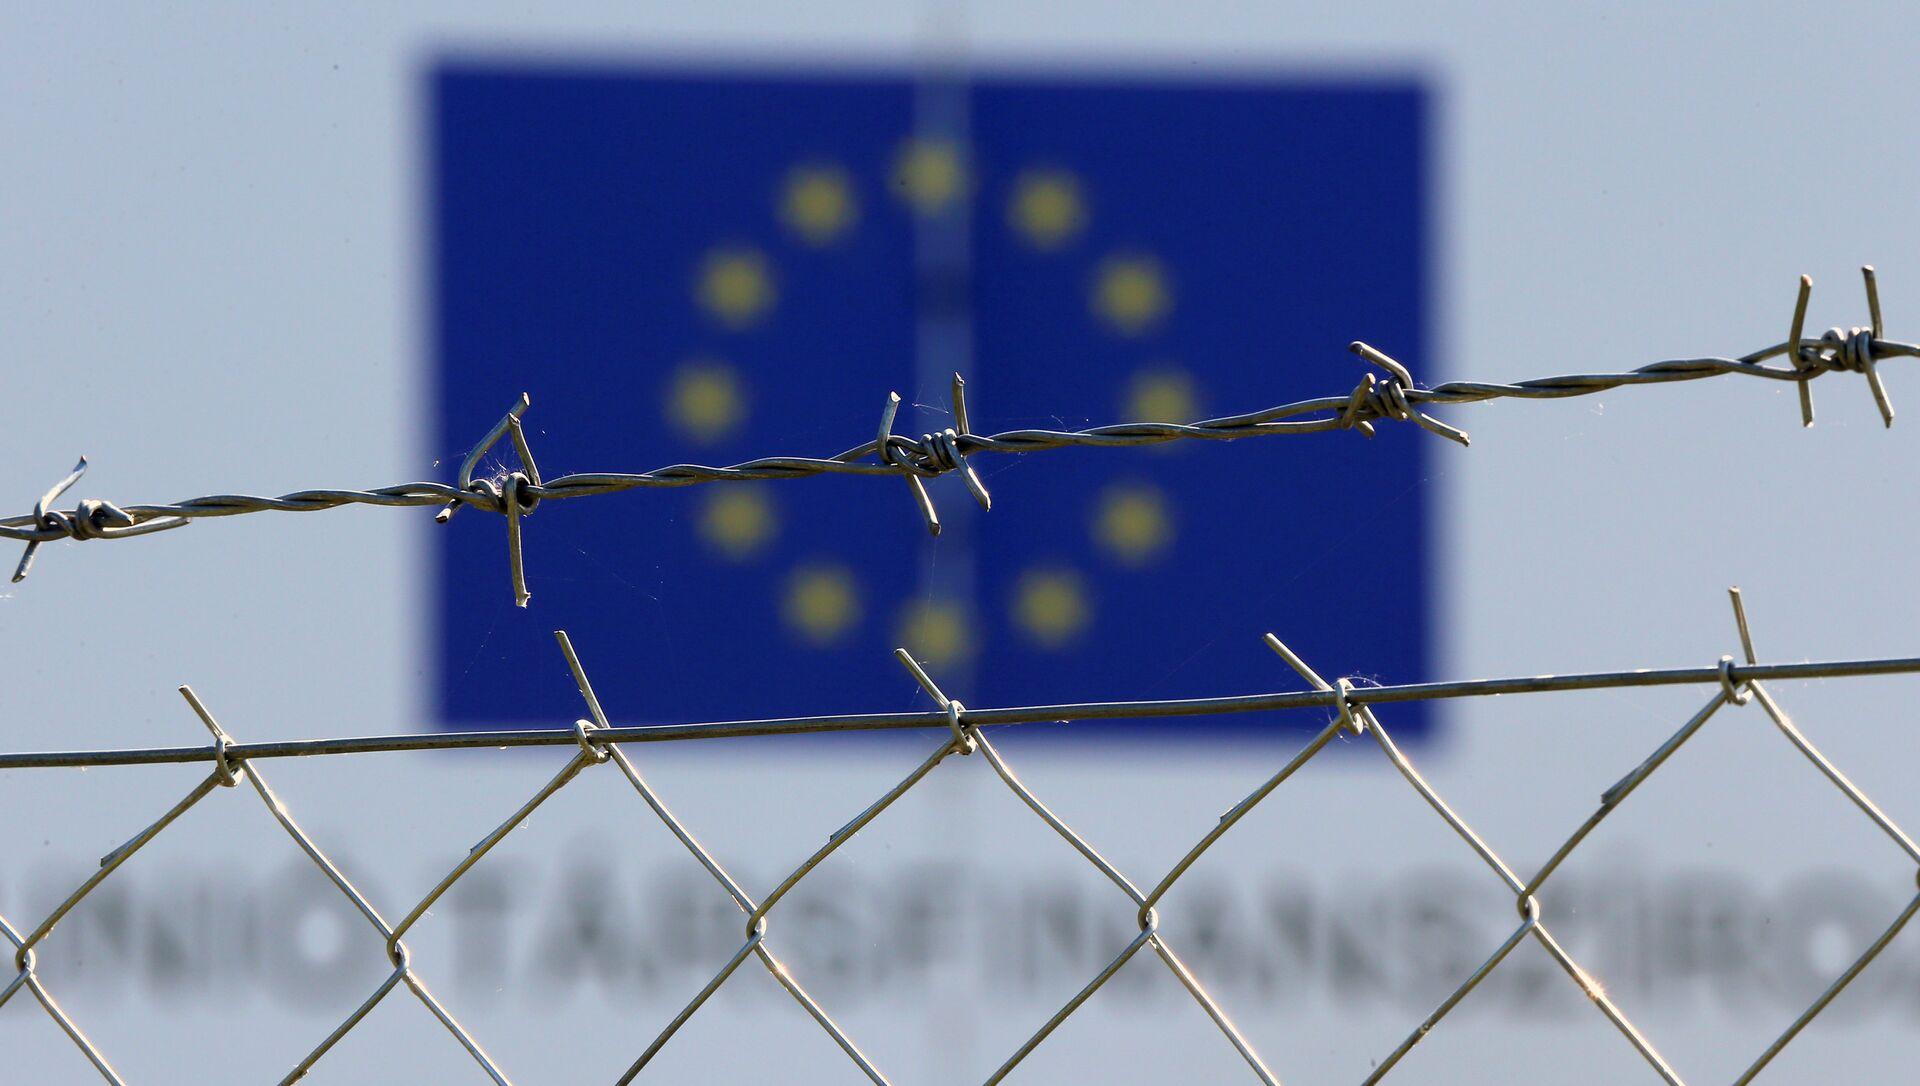 Une clôture de barbelés de 259 km à la frontière avec la Turquie - Sputnik France, 1920, 26.08.2021